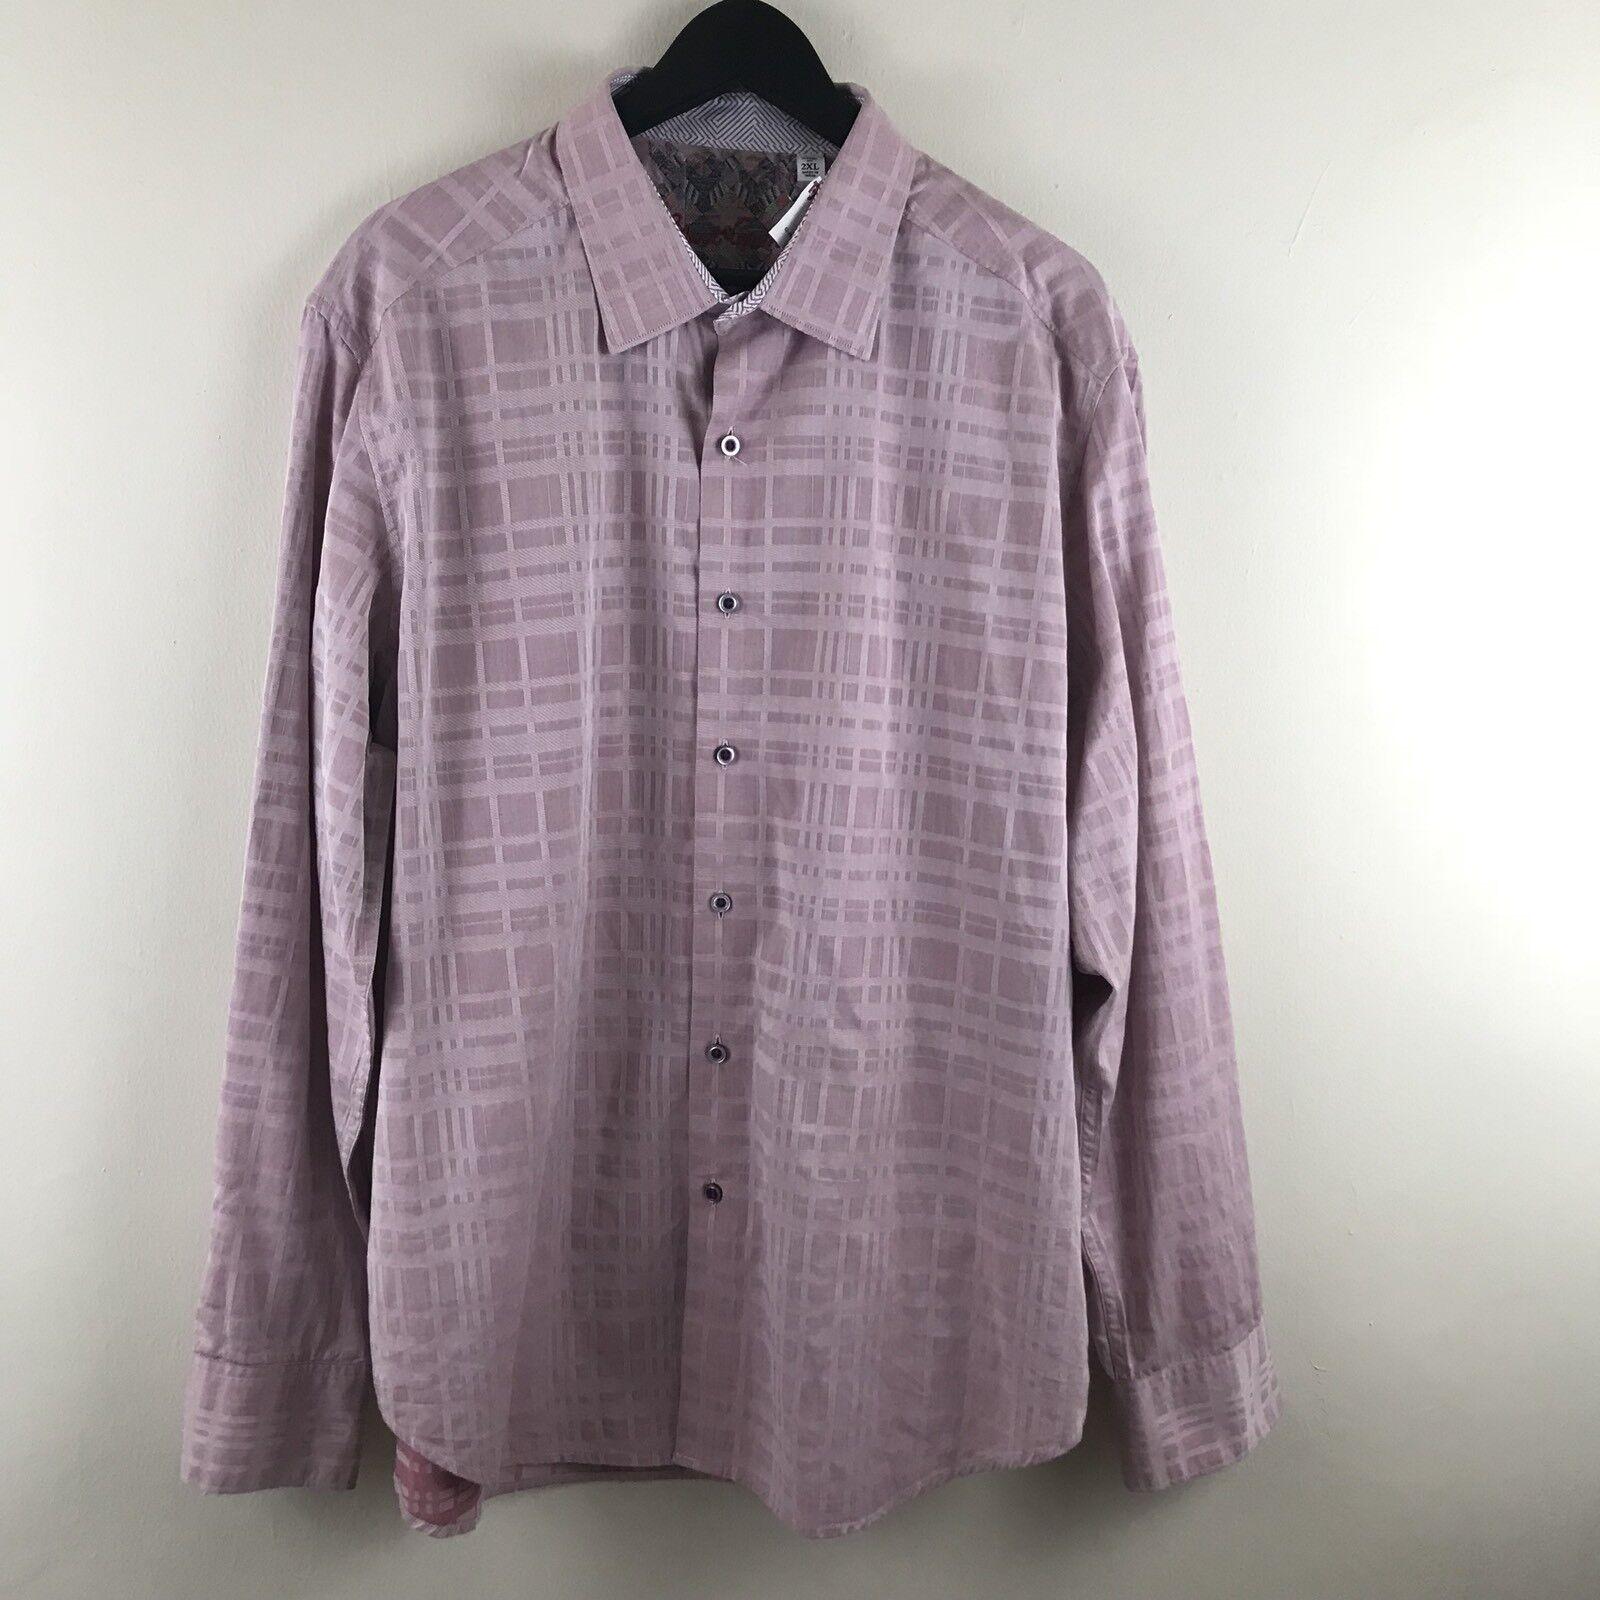 Robert Graham Mens Shirt Geometric Flip Cuffs Berry Pink Size 2XL NWOT